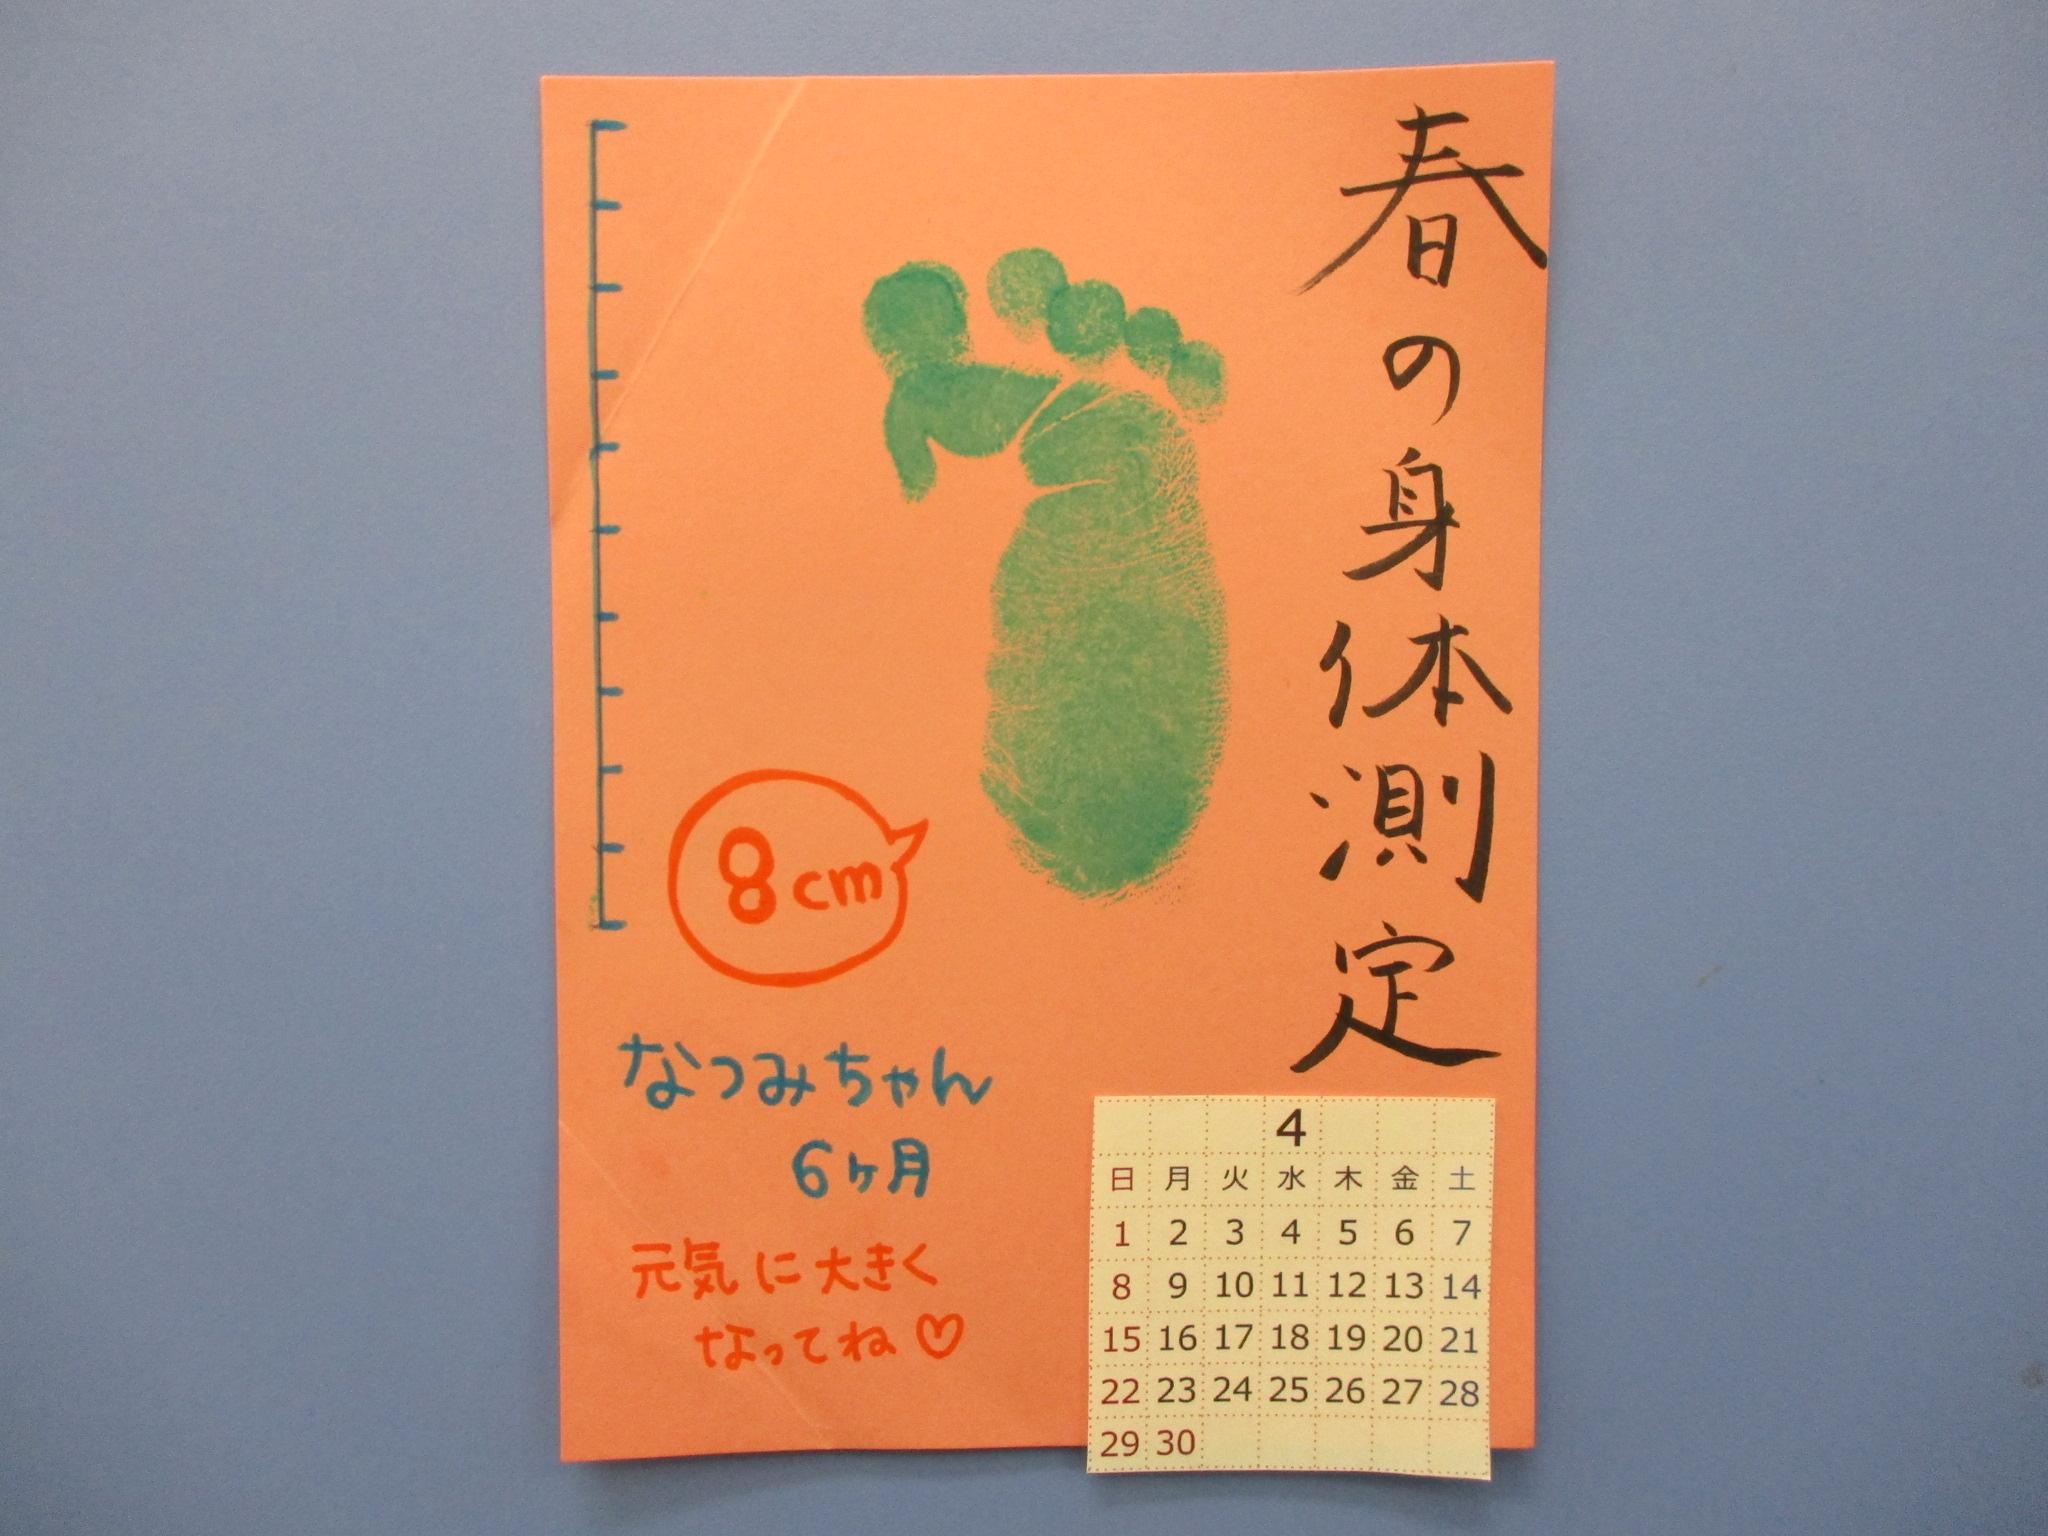 赤ちゃんの日「足形で春の身体測定カレンダー作り」